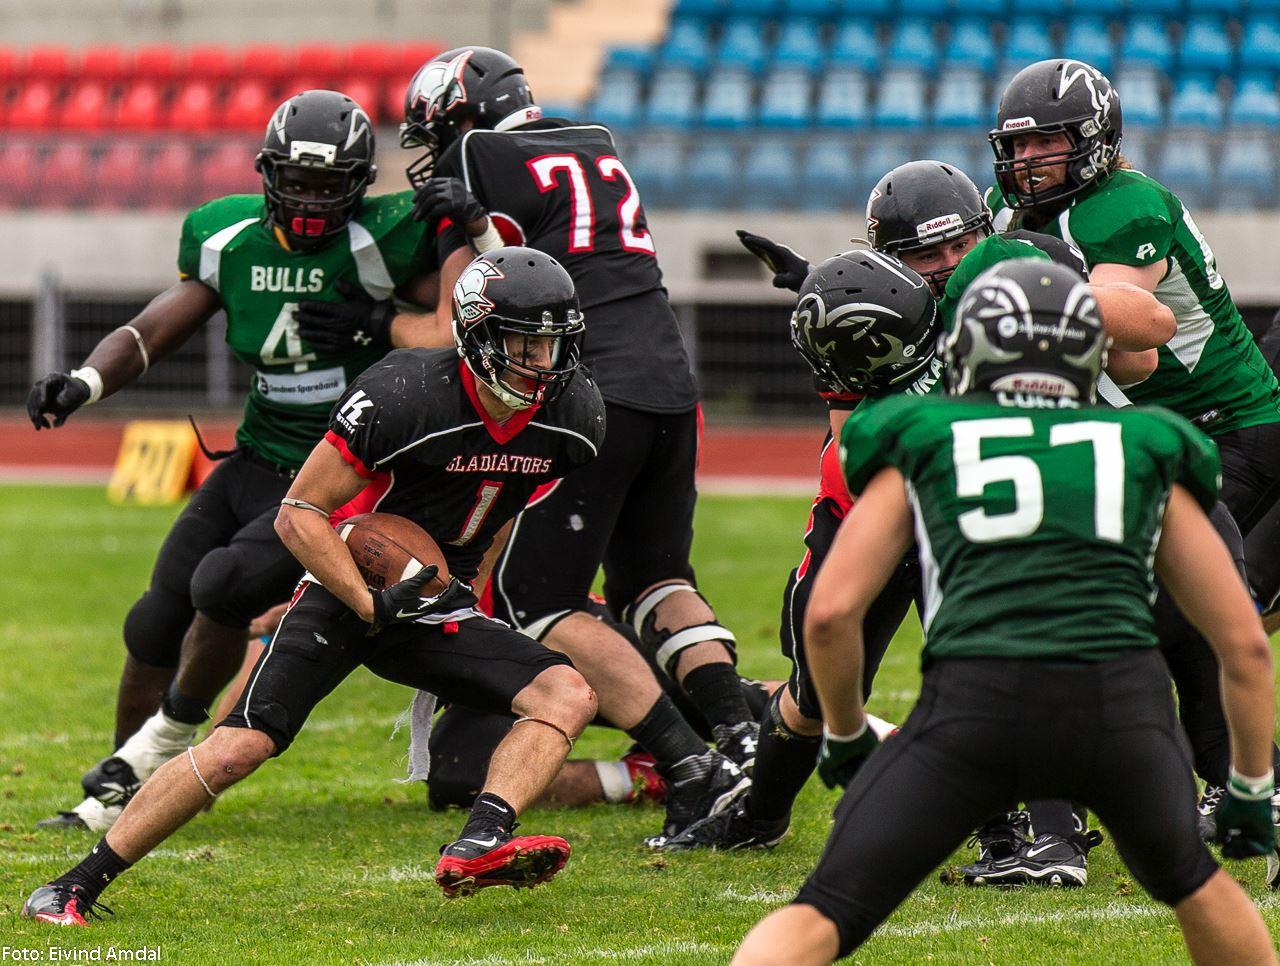 Glads vs Bulls semi 2014 - foto Eivind Amdal